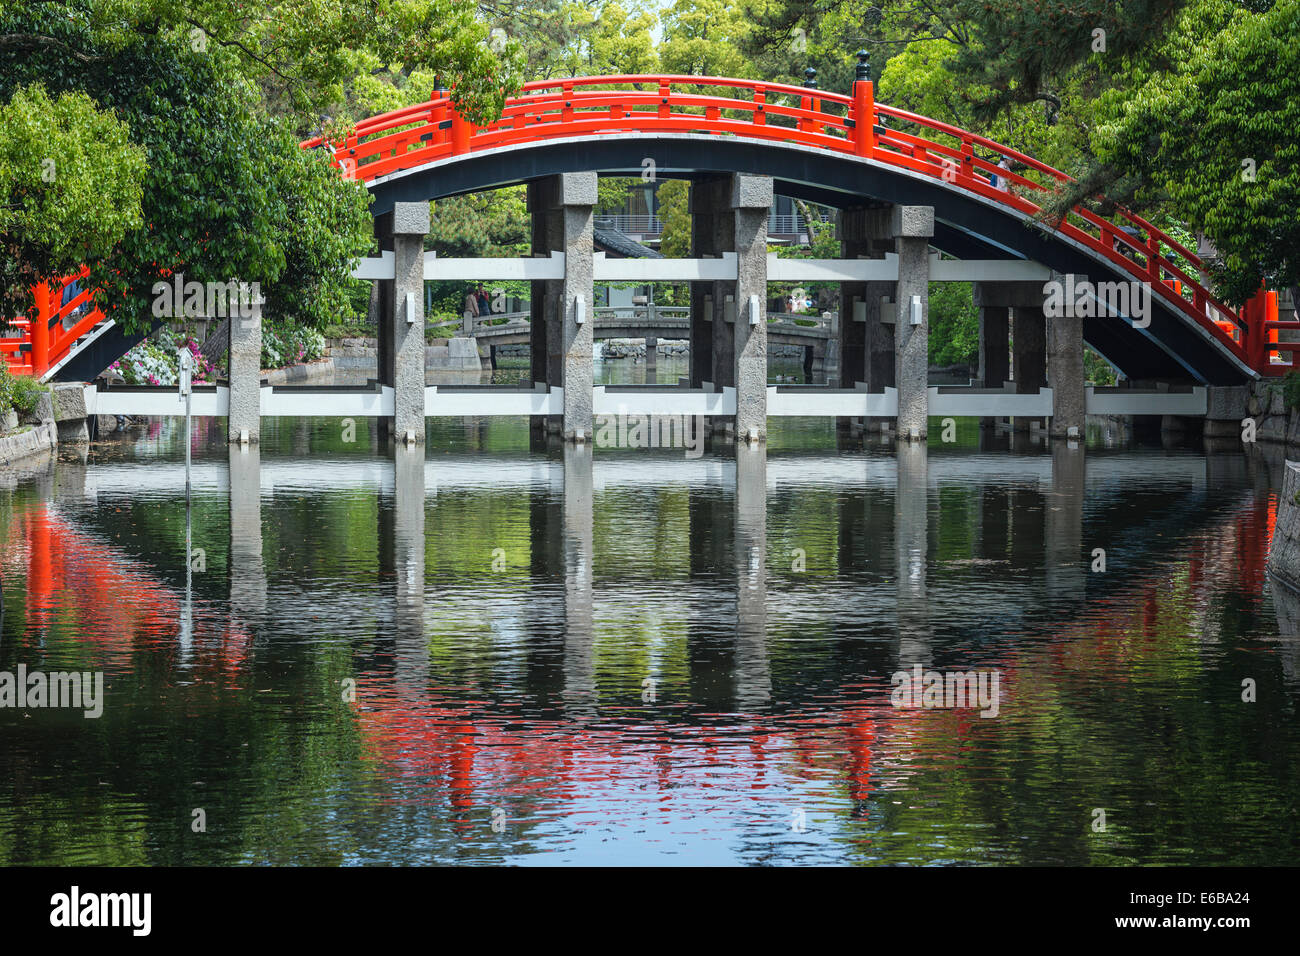 Osaka, Japón, en el puente de tambor Taiko Grand Sumiyoshi Taisha Shrine. Imagen De Stock